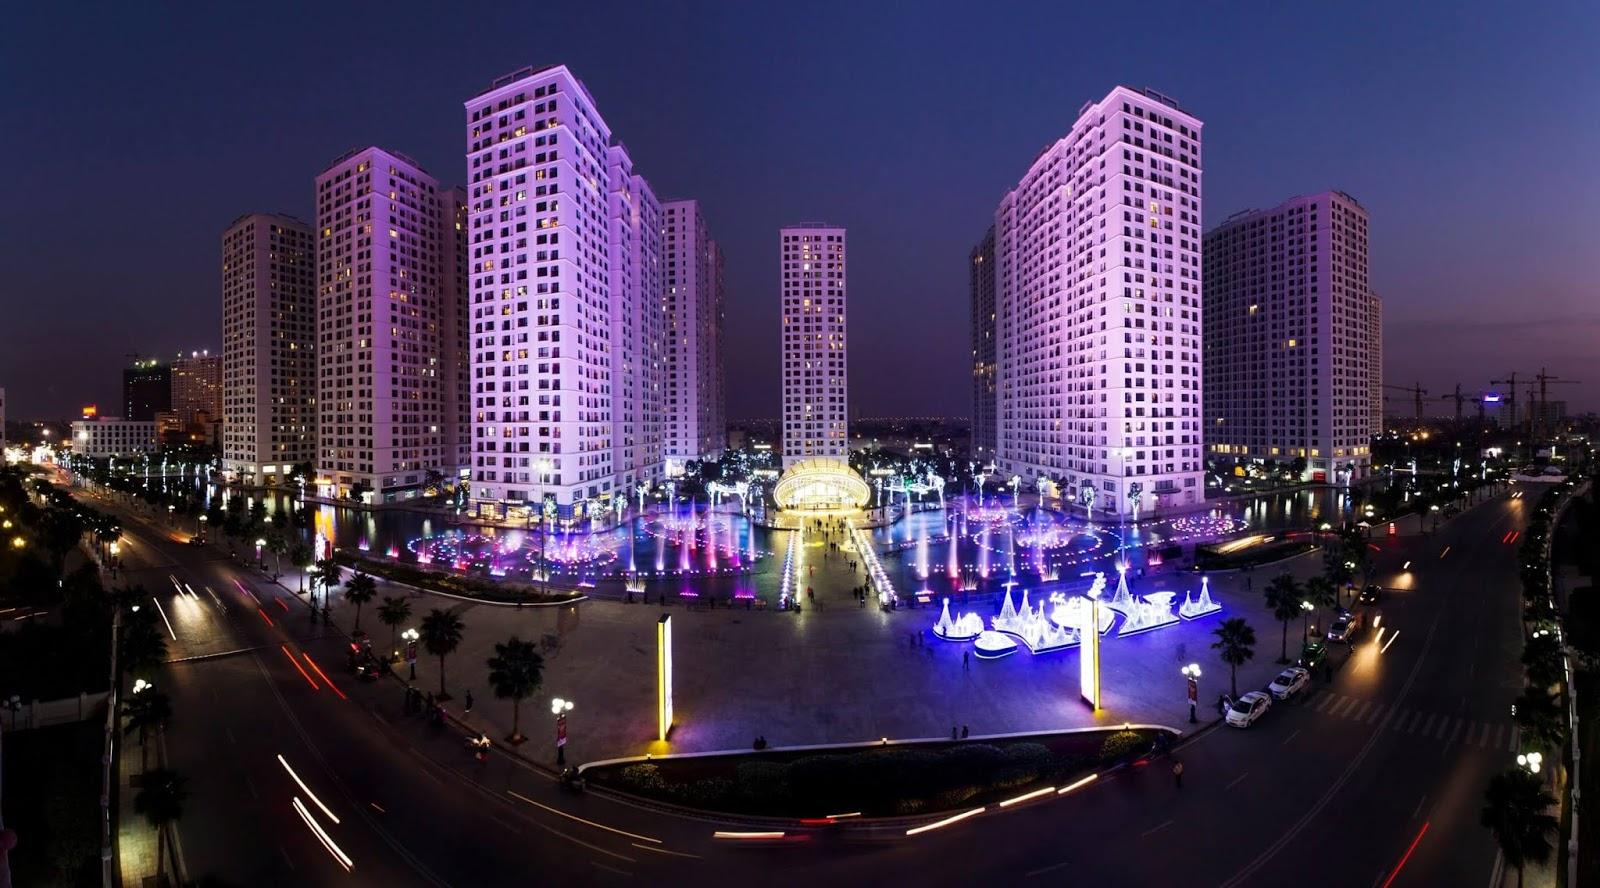 Khu nhạc nước của Times City Minh Khai